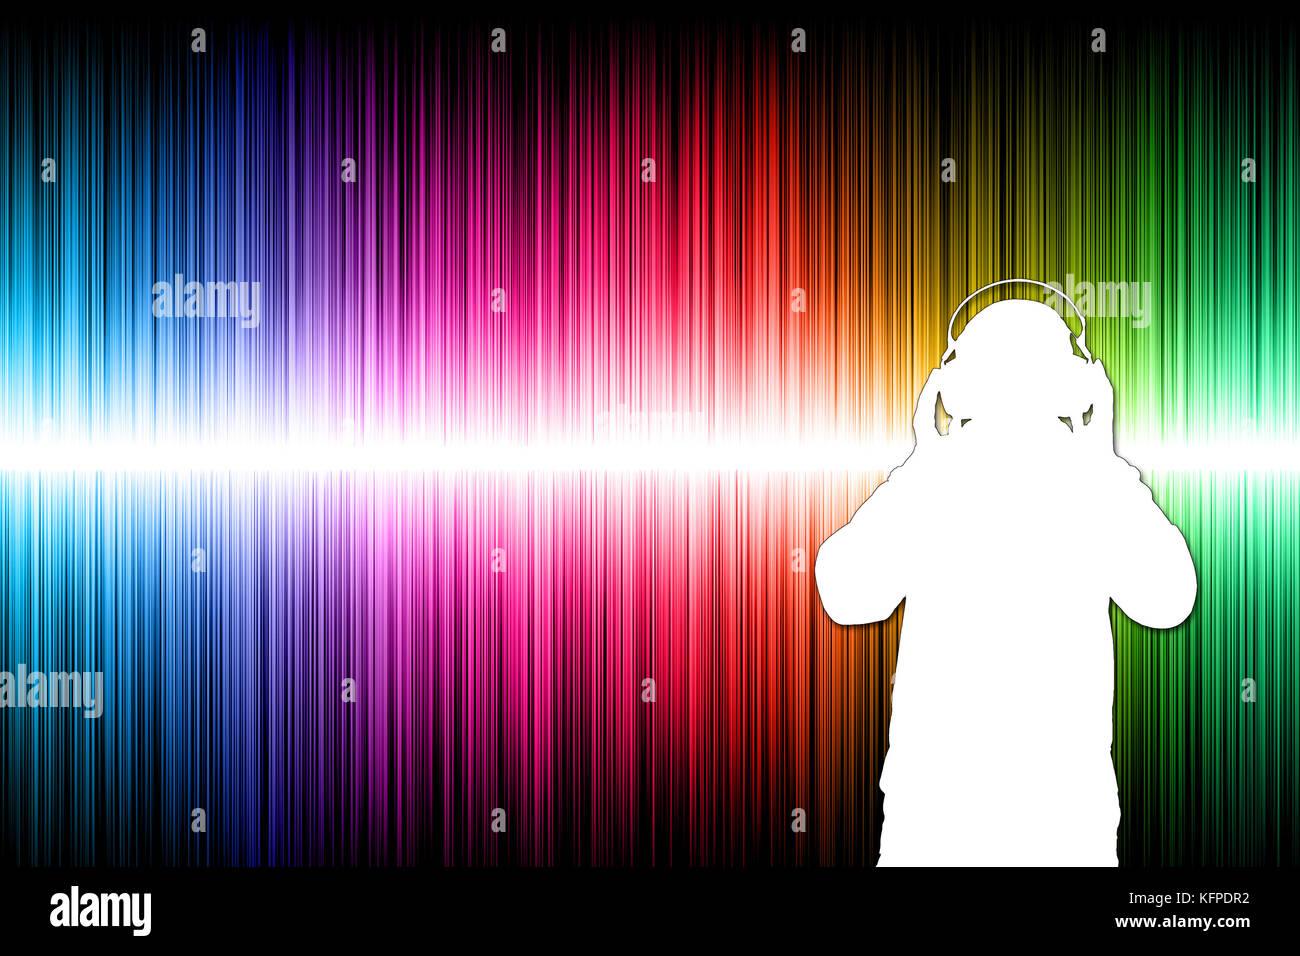 Silhouette di un uomo con cuffie e onde sonore in background Immagini Stock